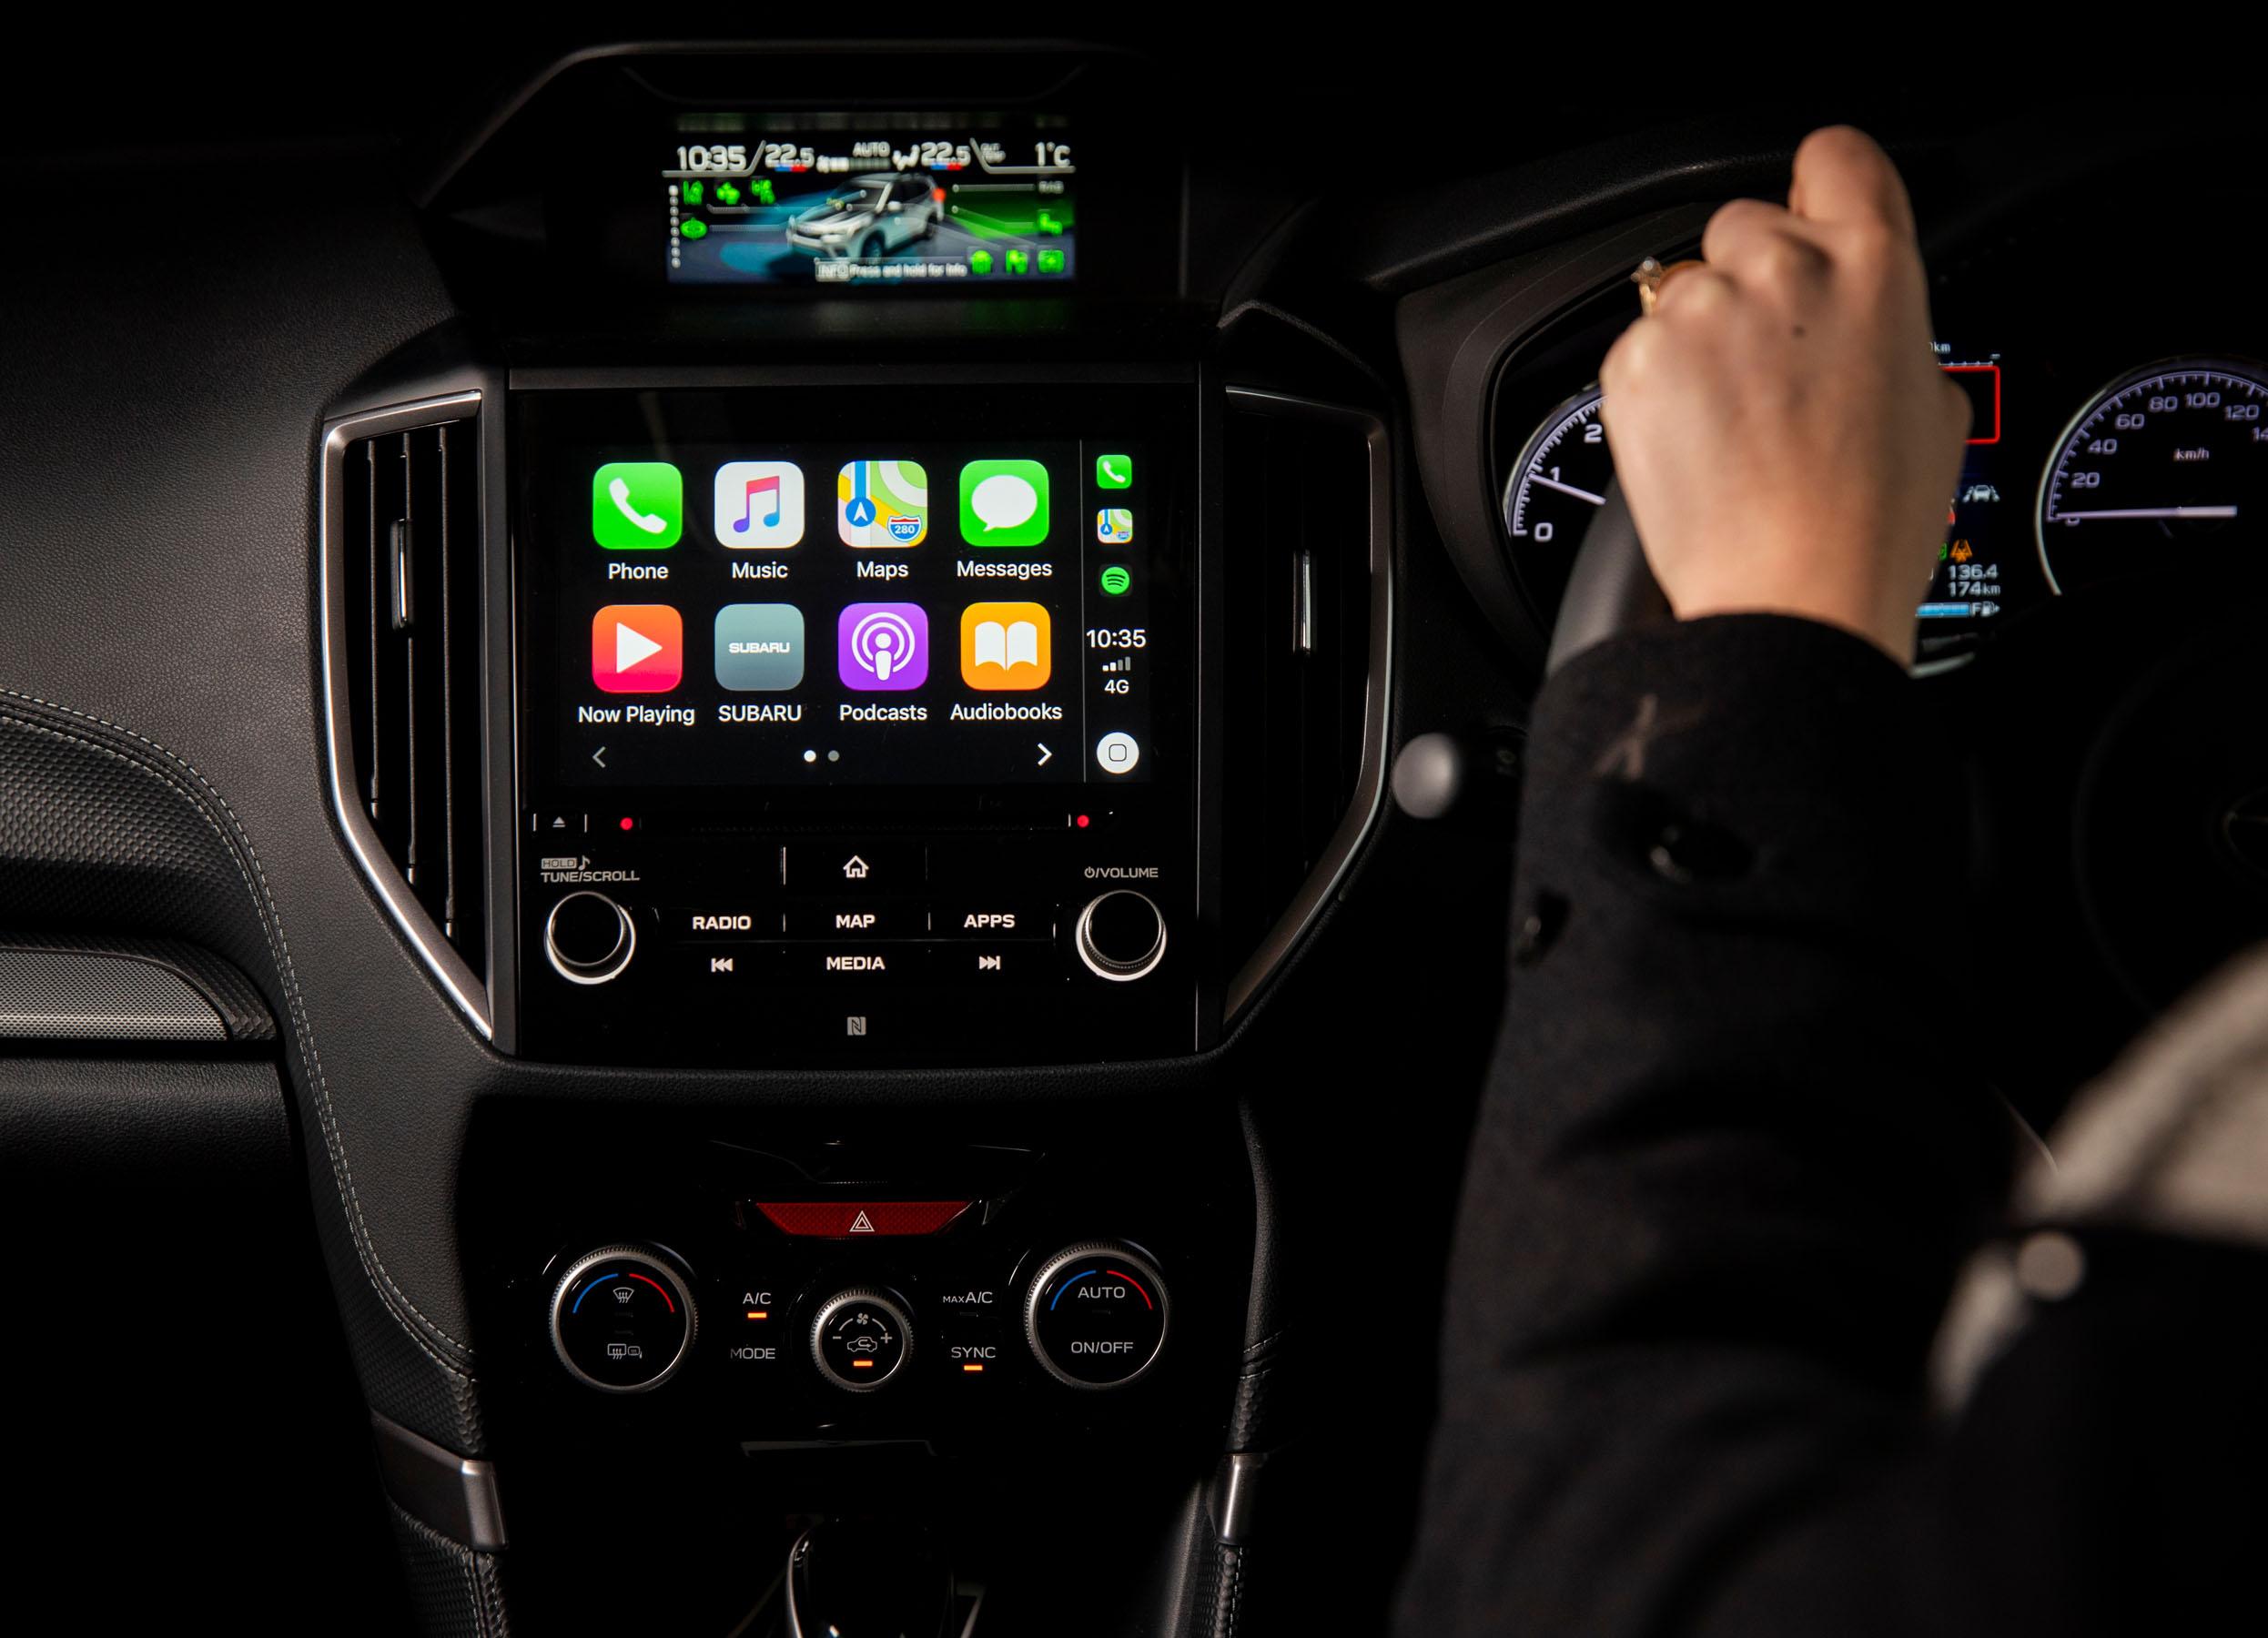 Subaru Forester 2.5 Premium interior LR 15.jpg